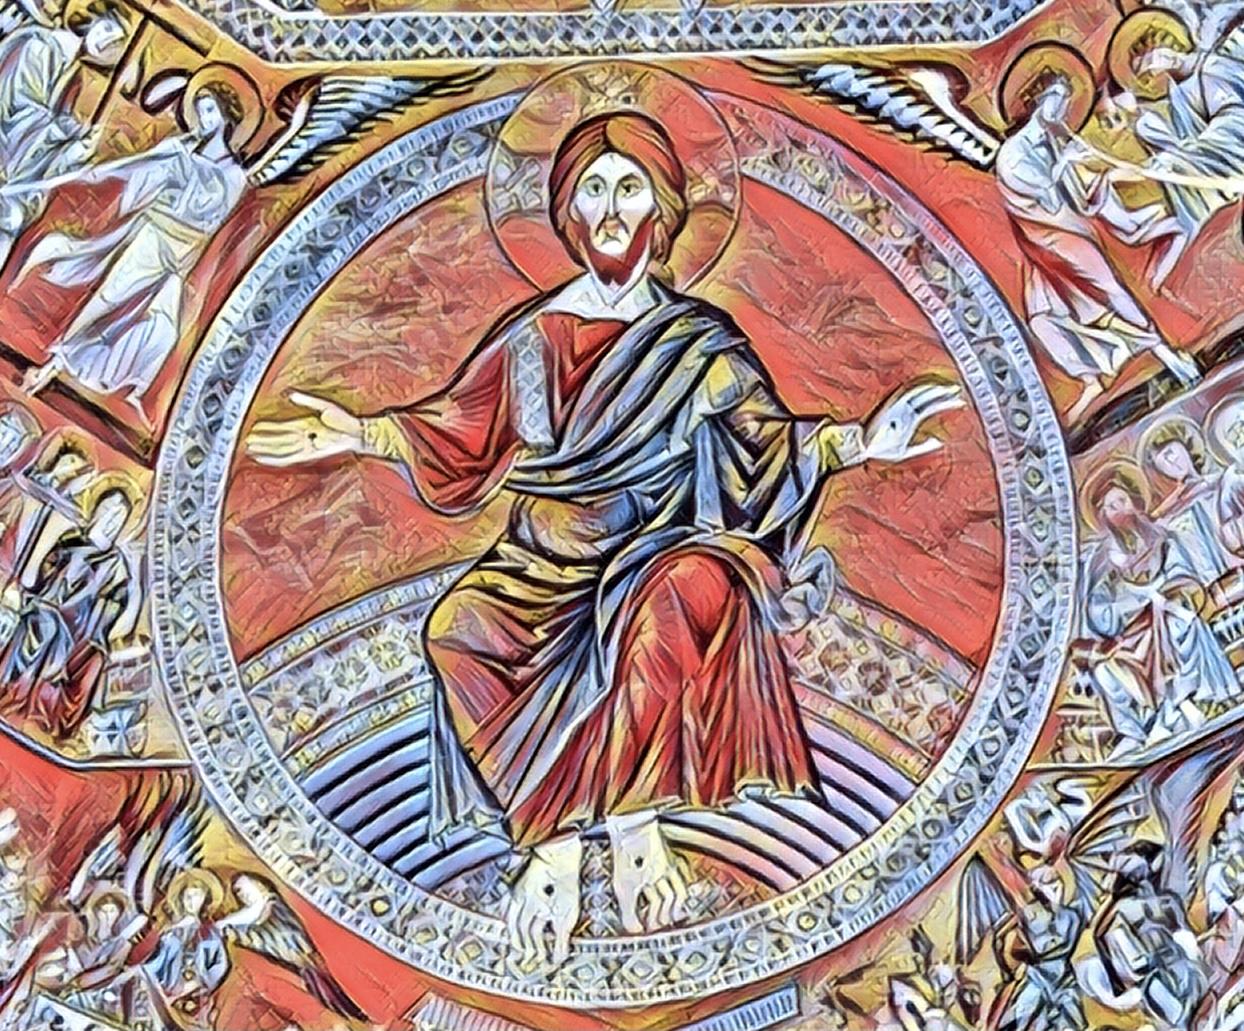 The Rapture: An American Prosperity Gospel